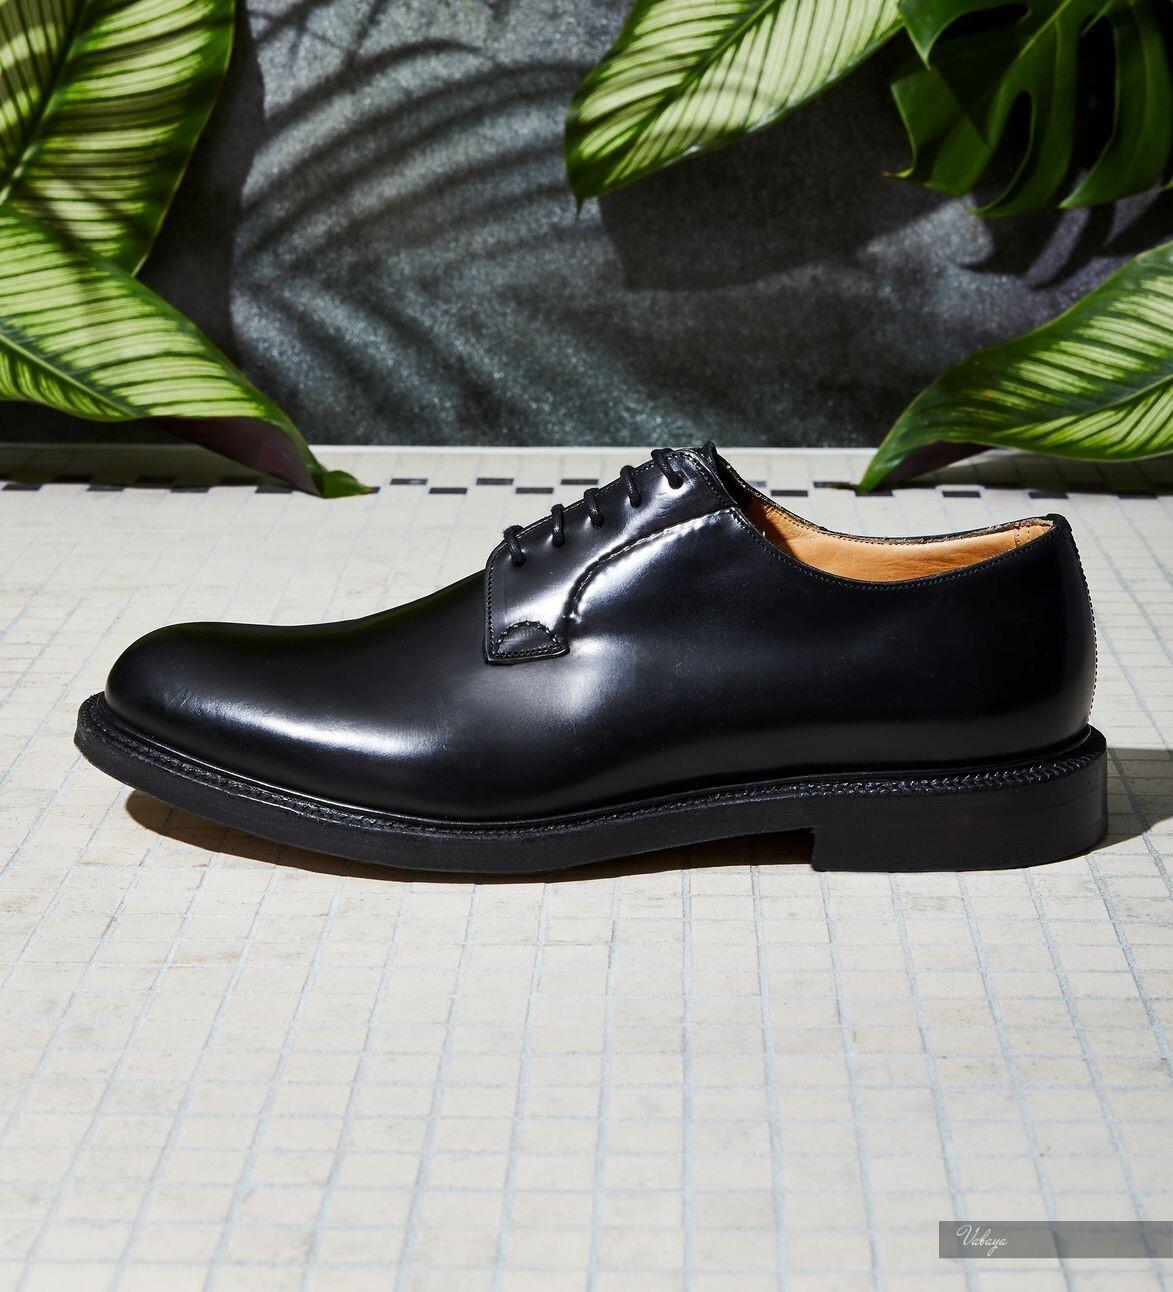 Giày Derby đem lại nét khỏe khoắn cho nam giới.